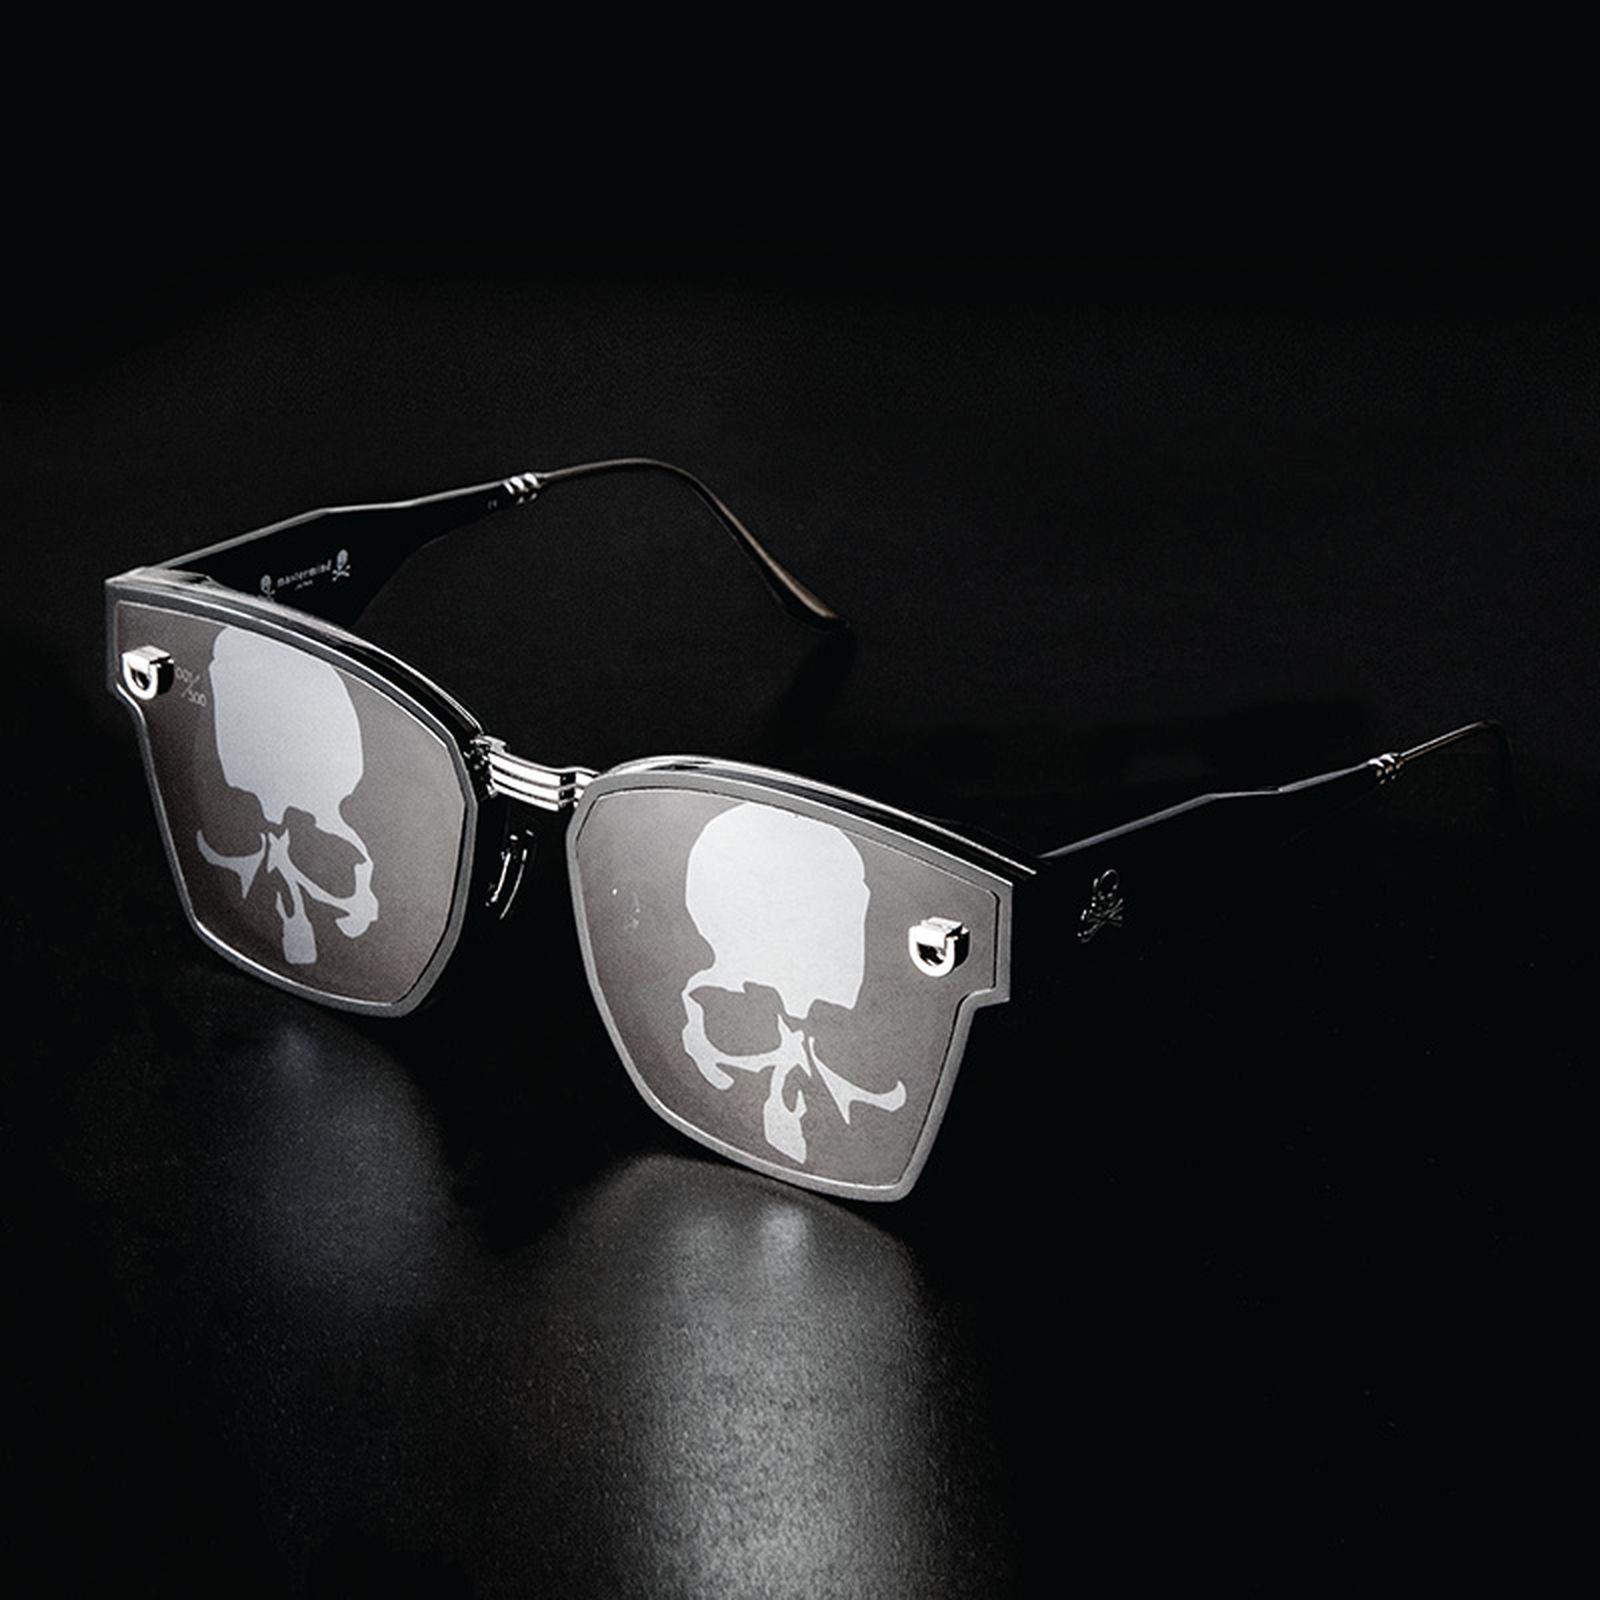 mastermind japan sunglasses ss19 1 selfridges